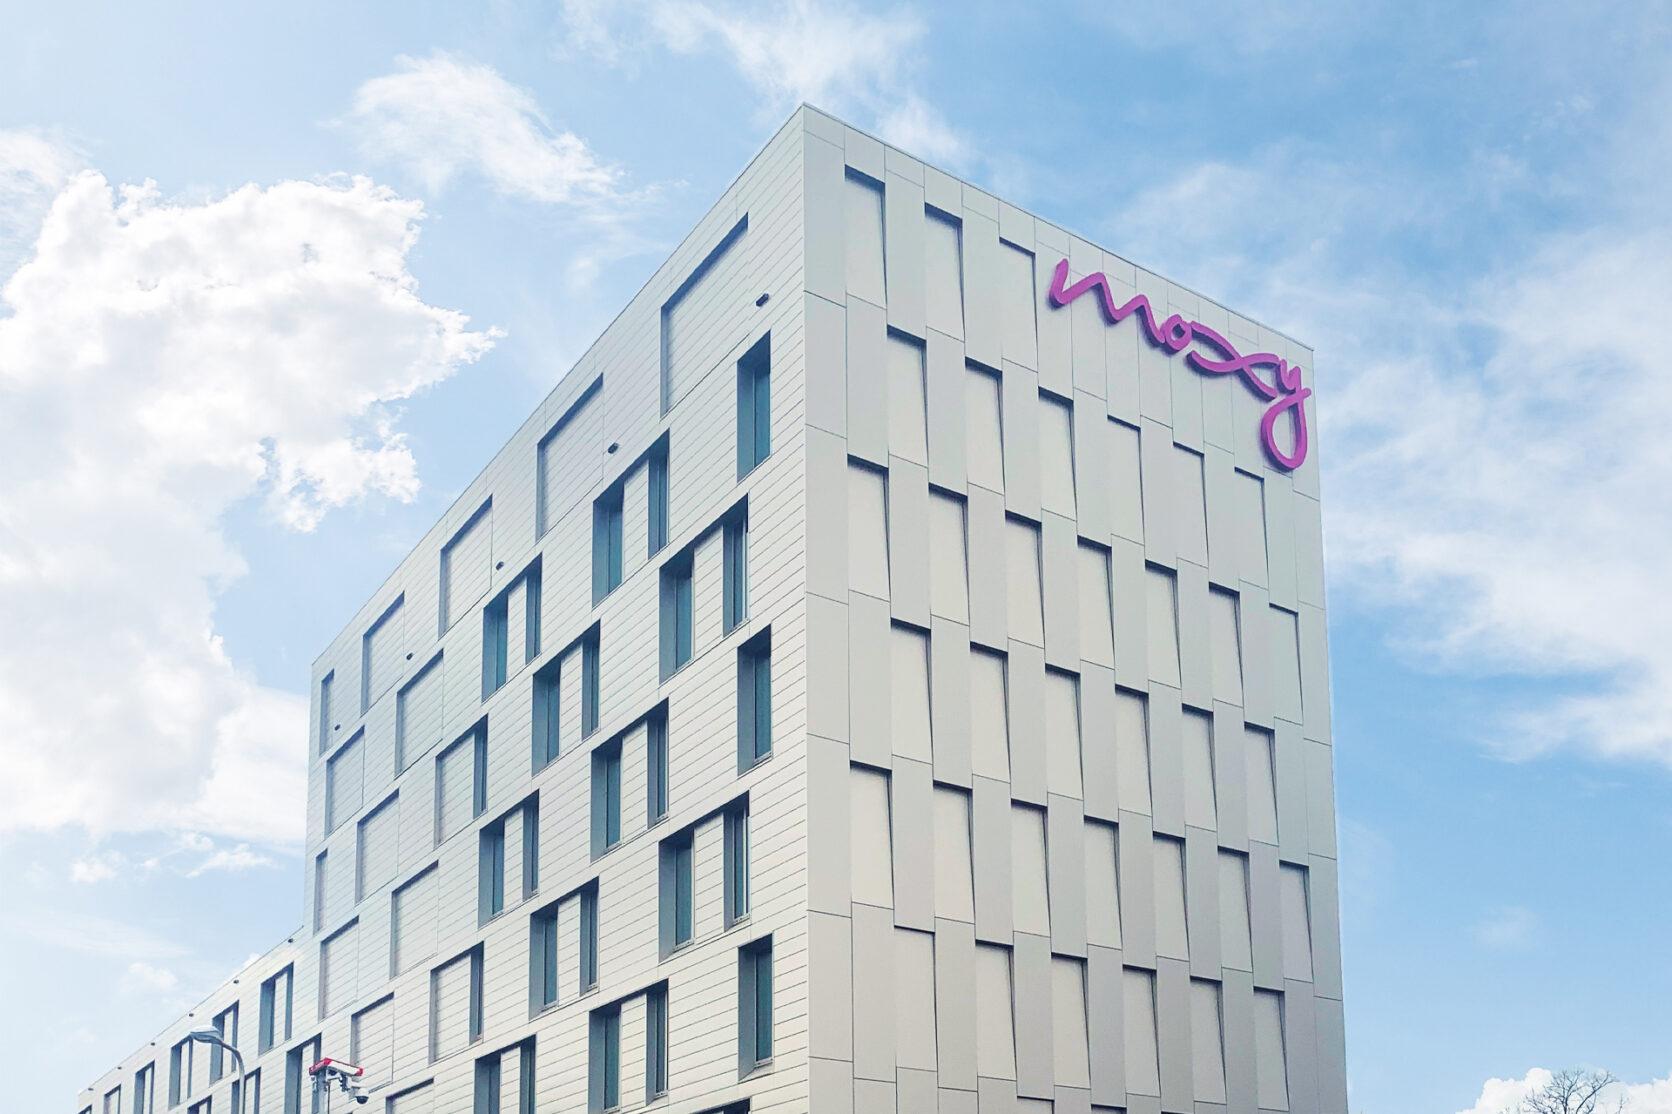 Moxy Hotel Utrecht MD Flack gevelbekleding